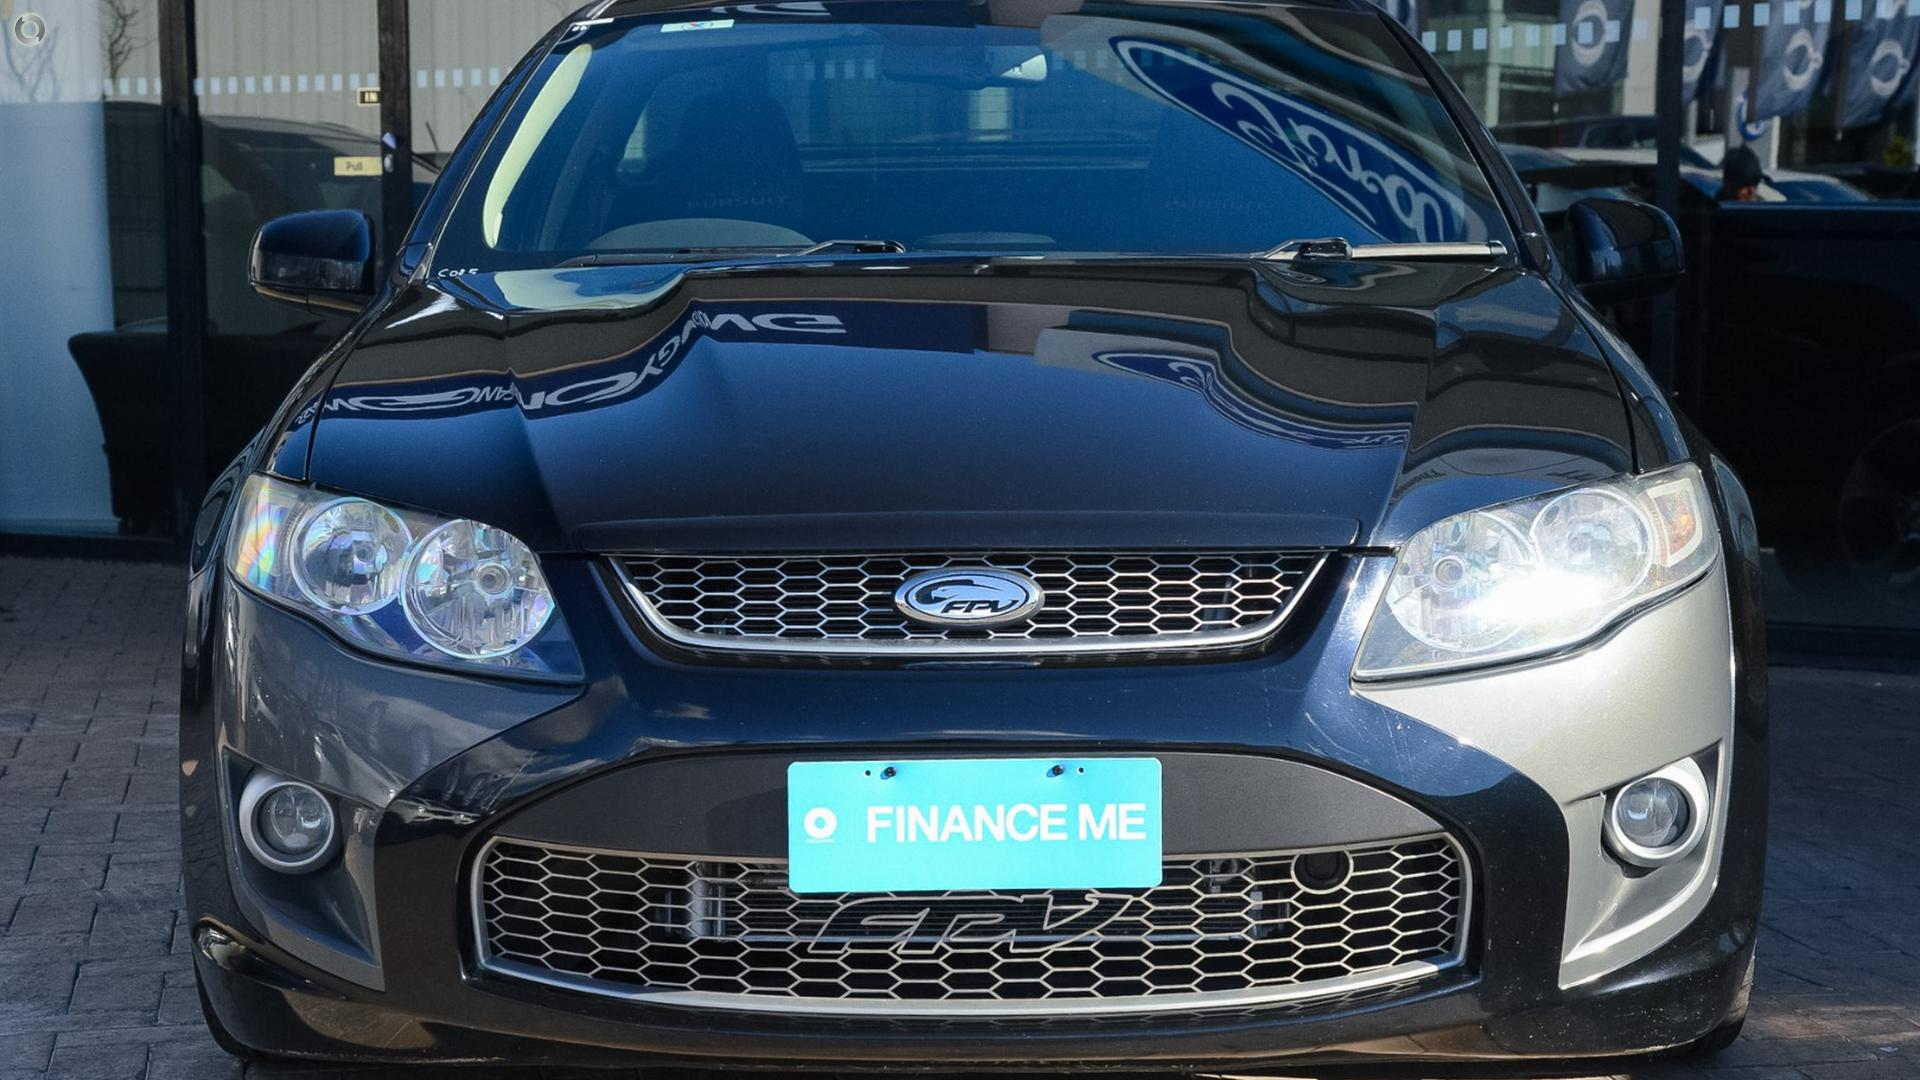 2010 Ford Performance Vehicles Super Pursuit  FG